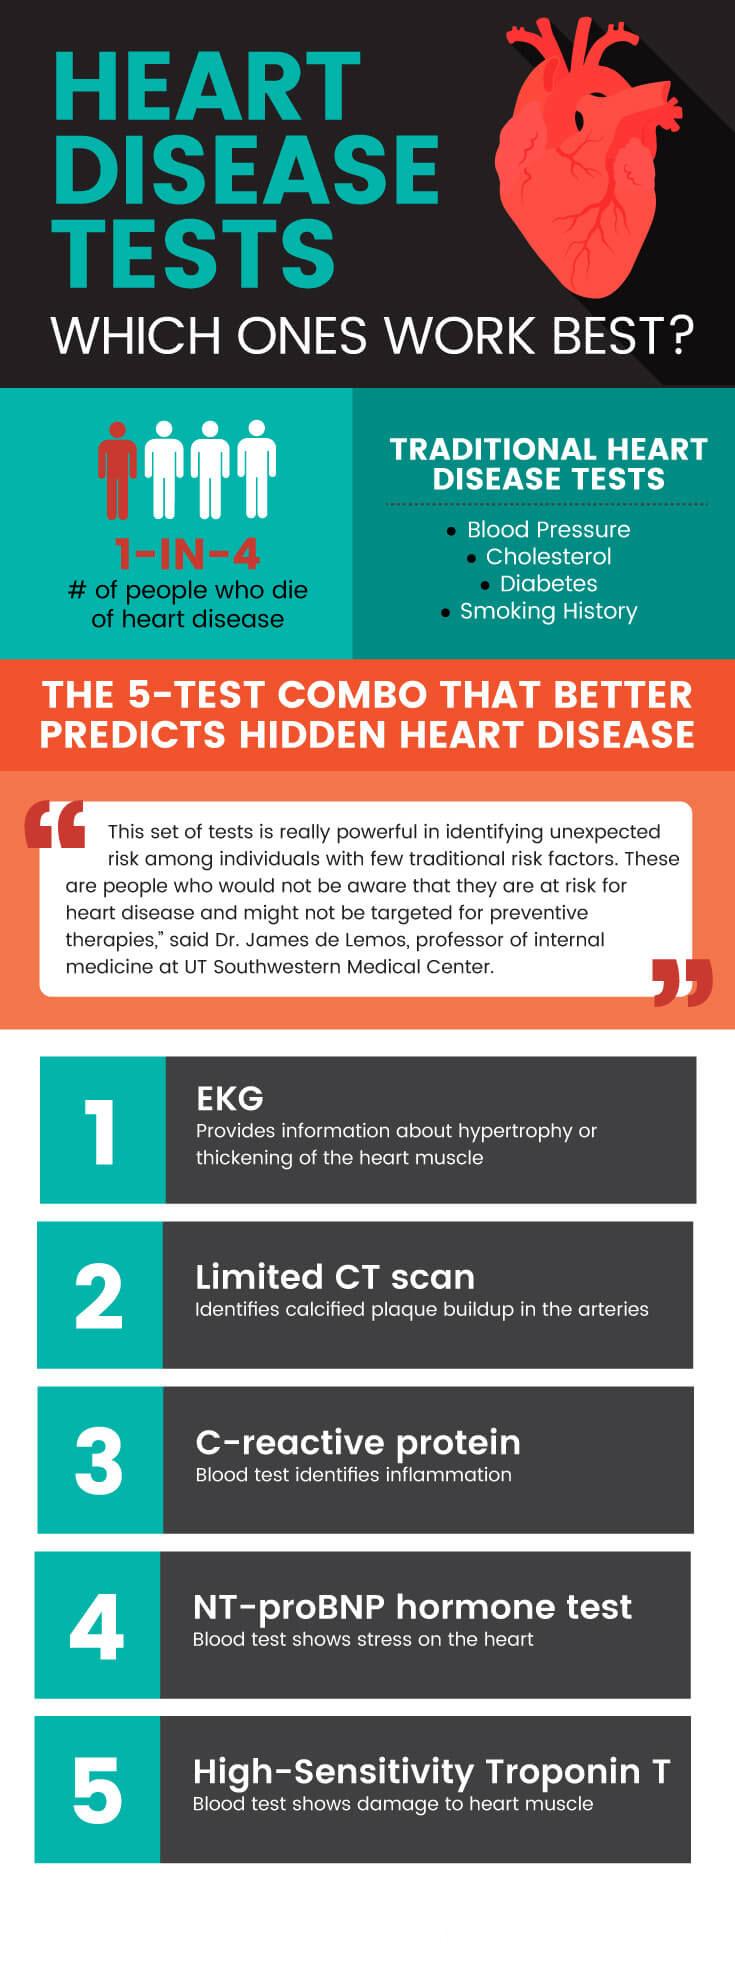 Heart disease tests - MKexpress.net